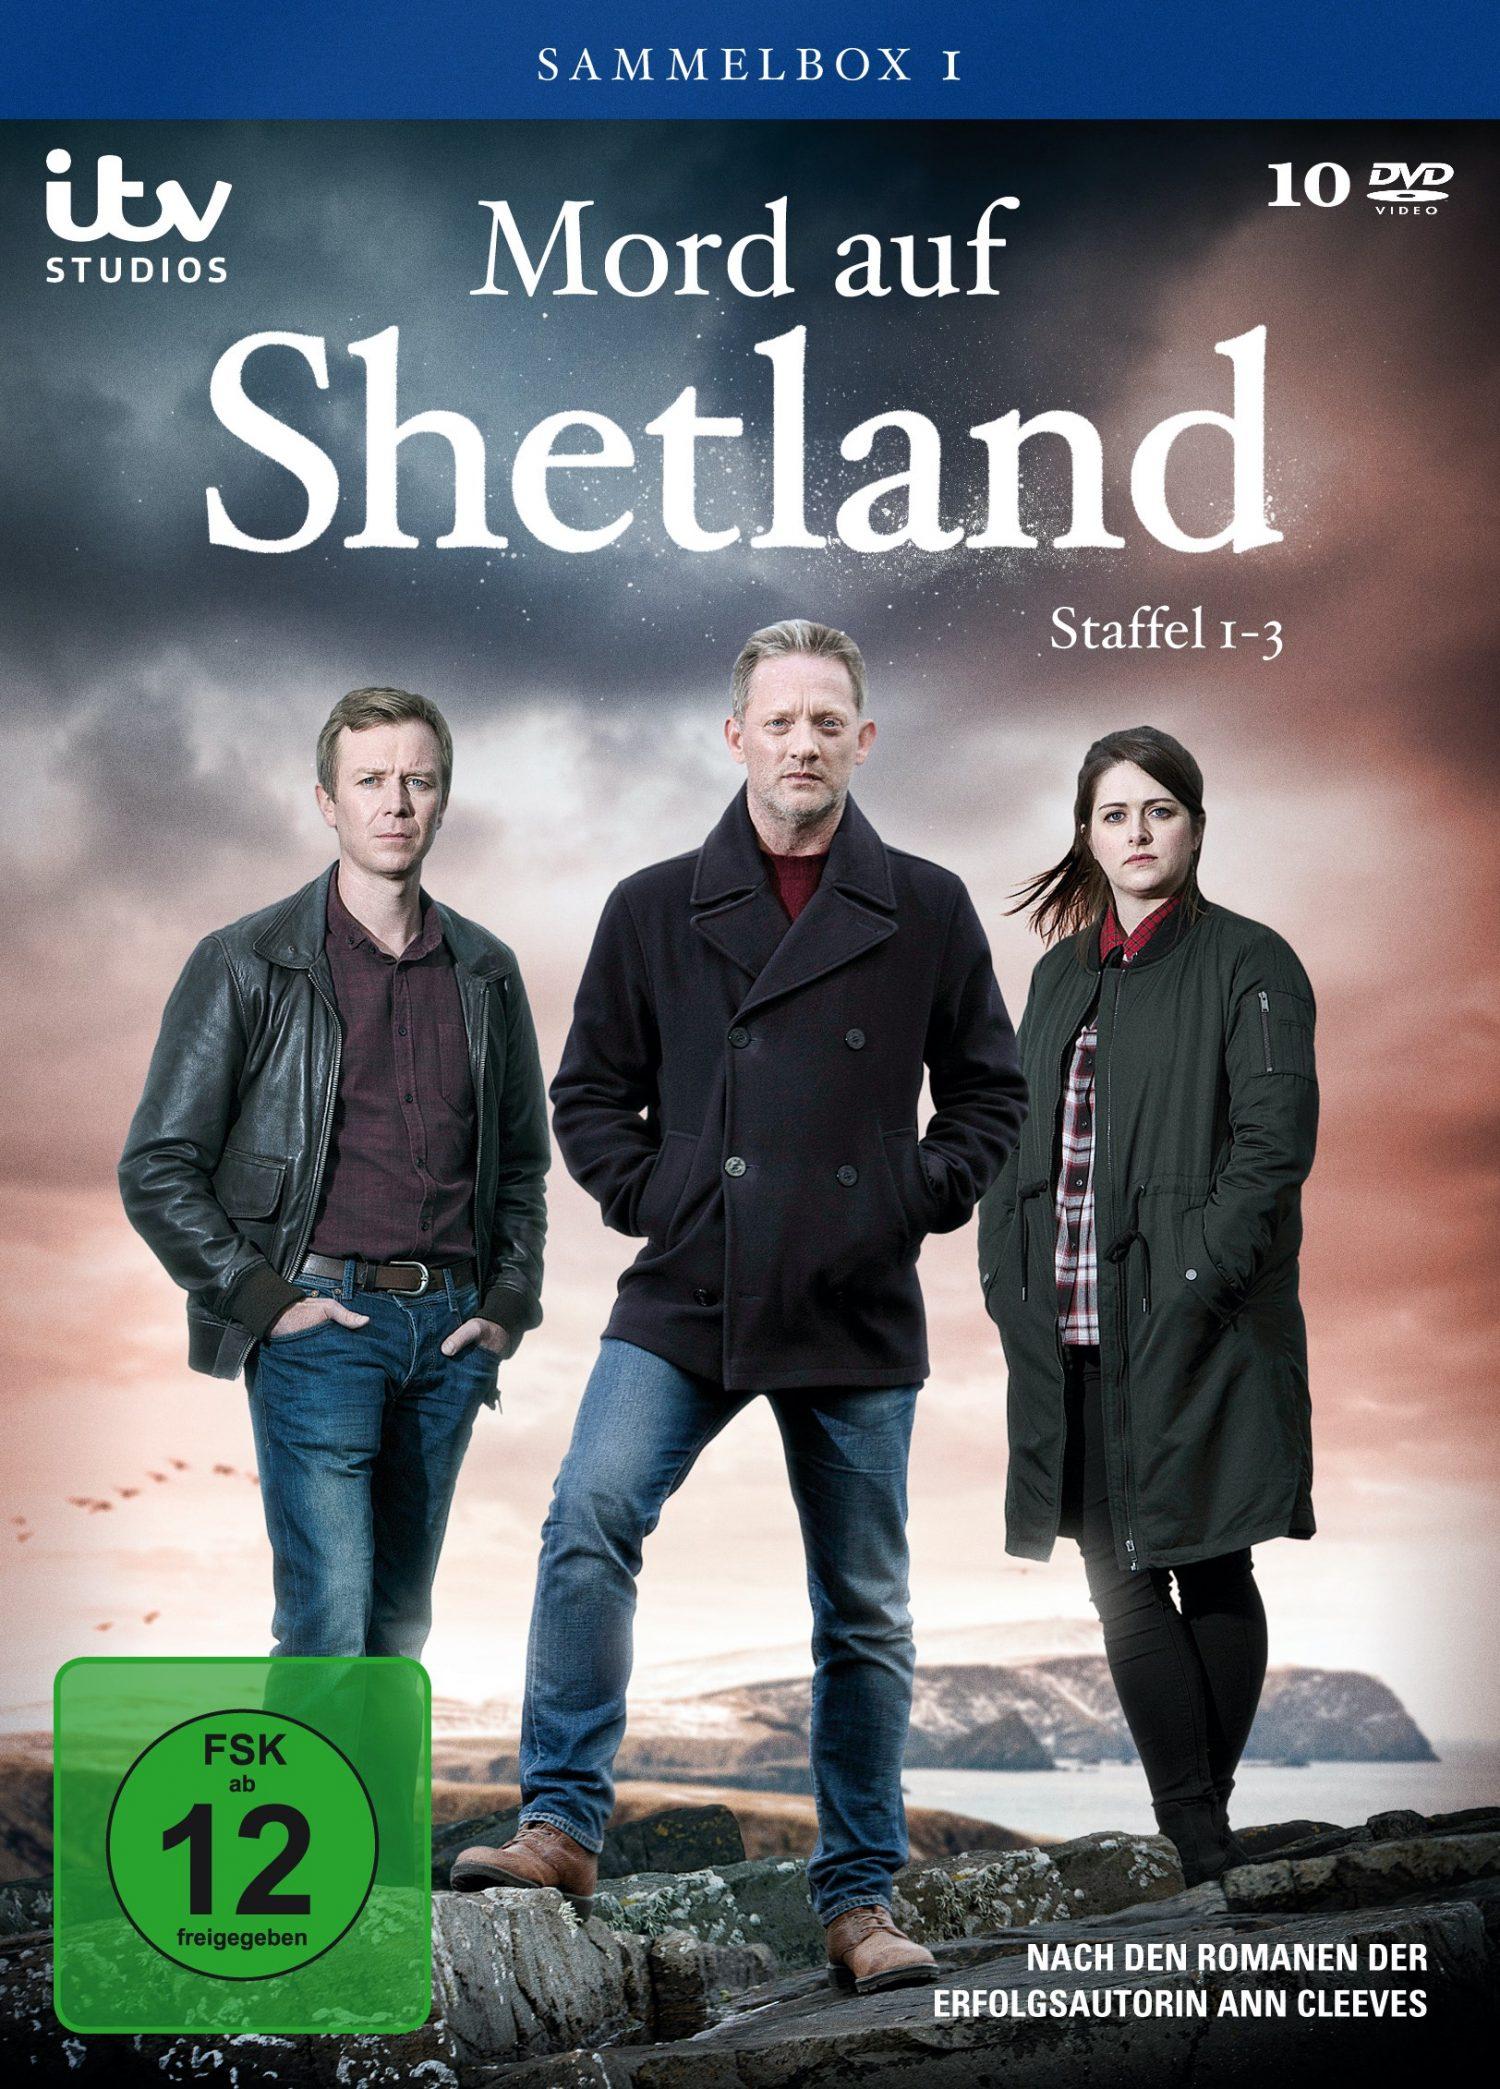 Knifflige Morde auf den Inseln im rauen Nordatlantik MORD AUF SHETLAND – Staffel 1-3 als DVD-Sammelbox